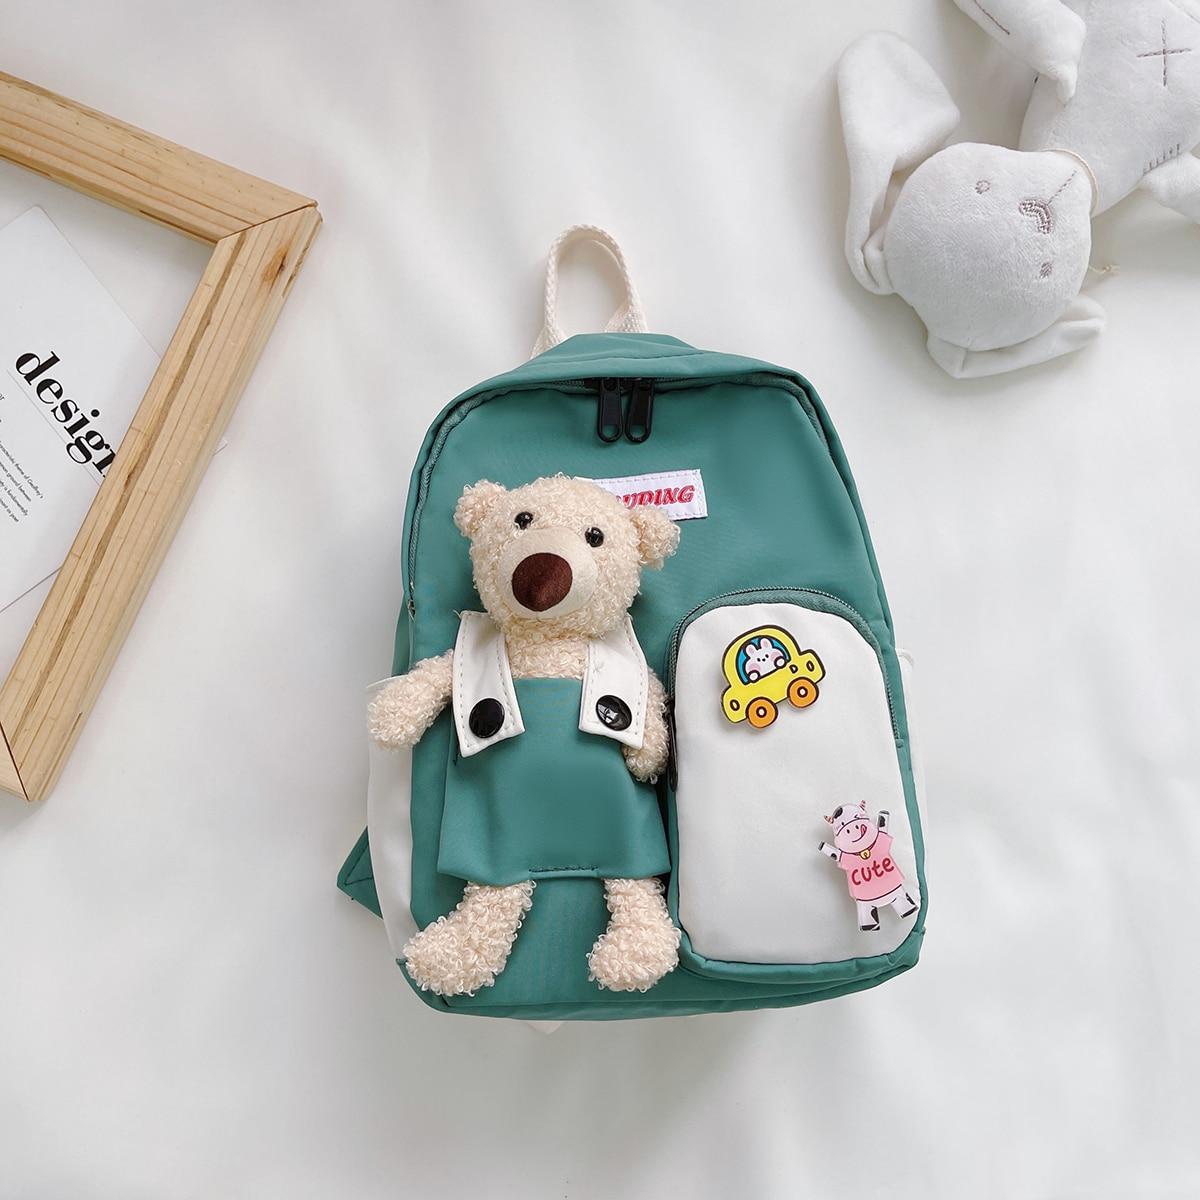 Рюкзак с карманом и медведем для мальчиков SheIn skbag18210603511